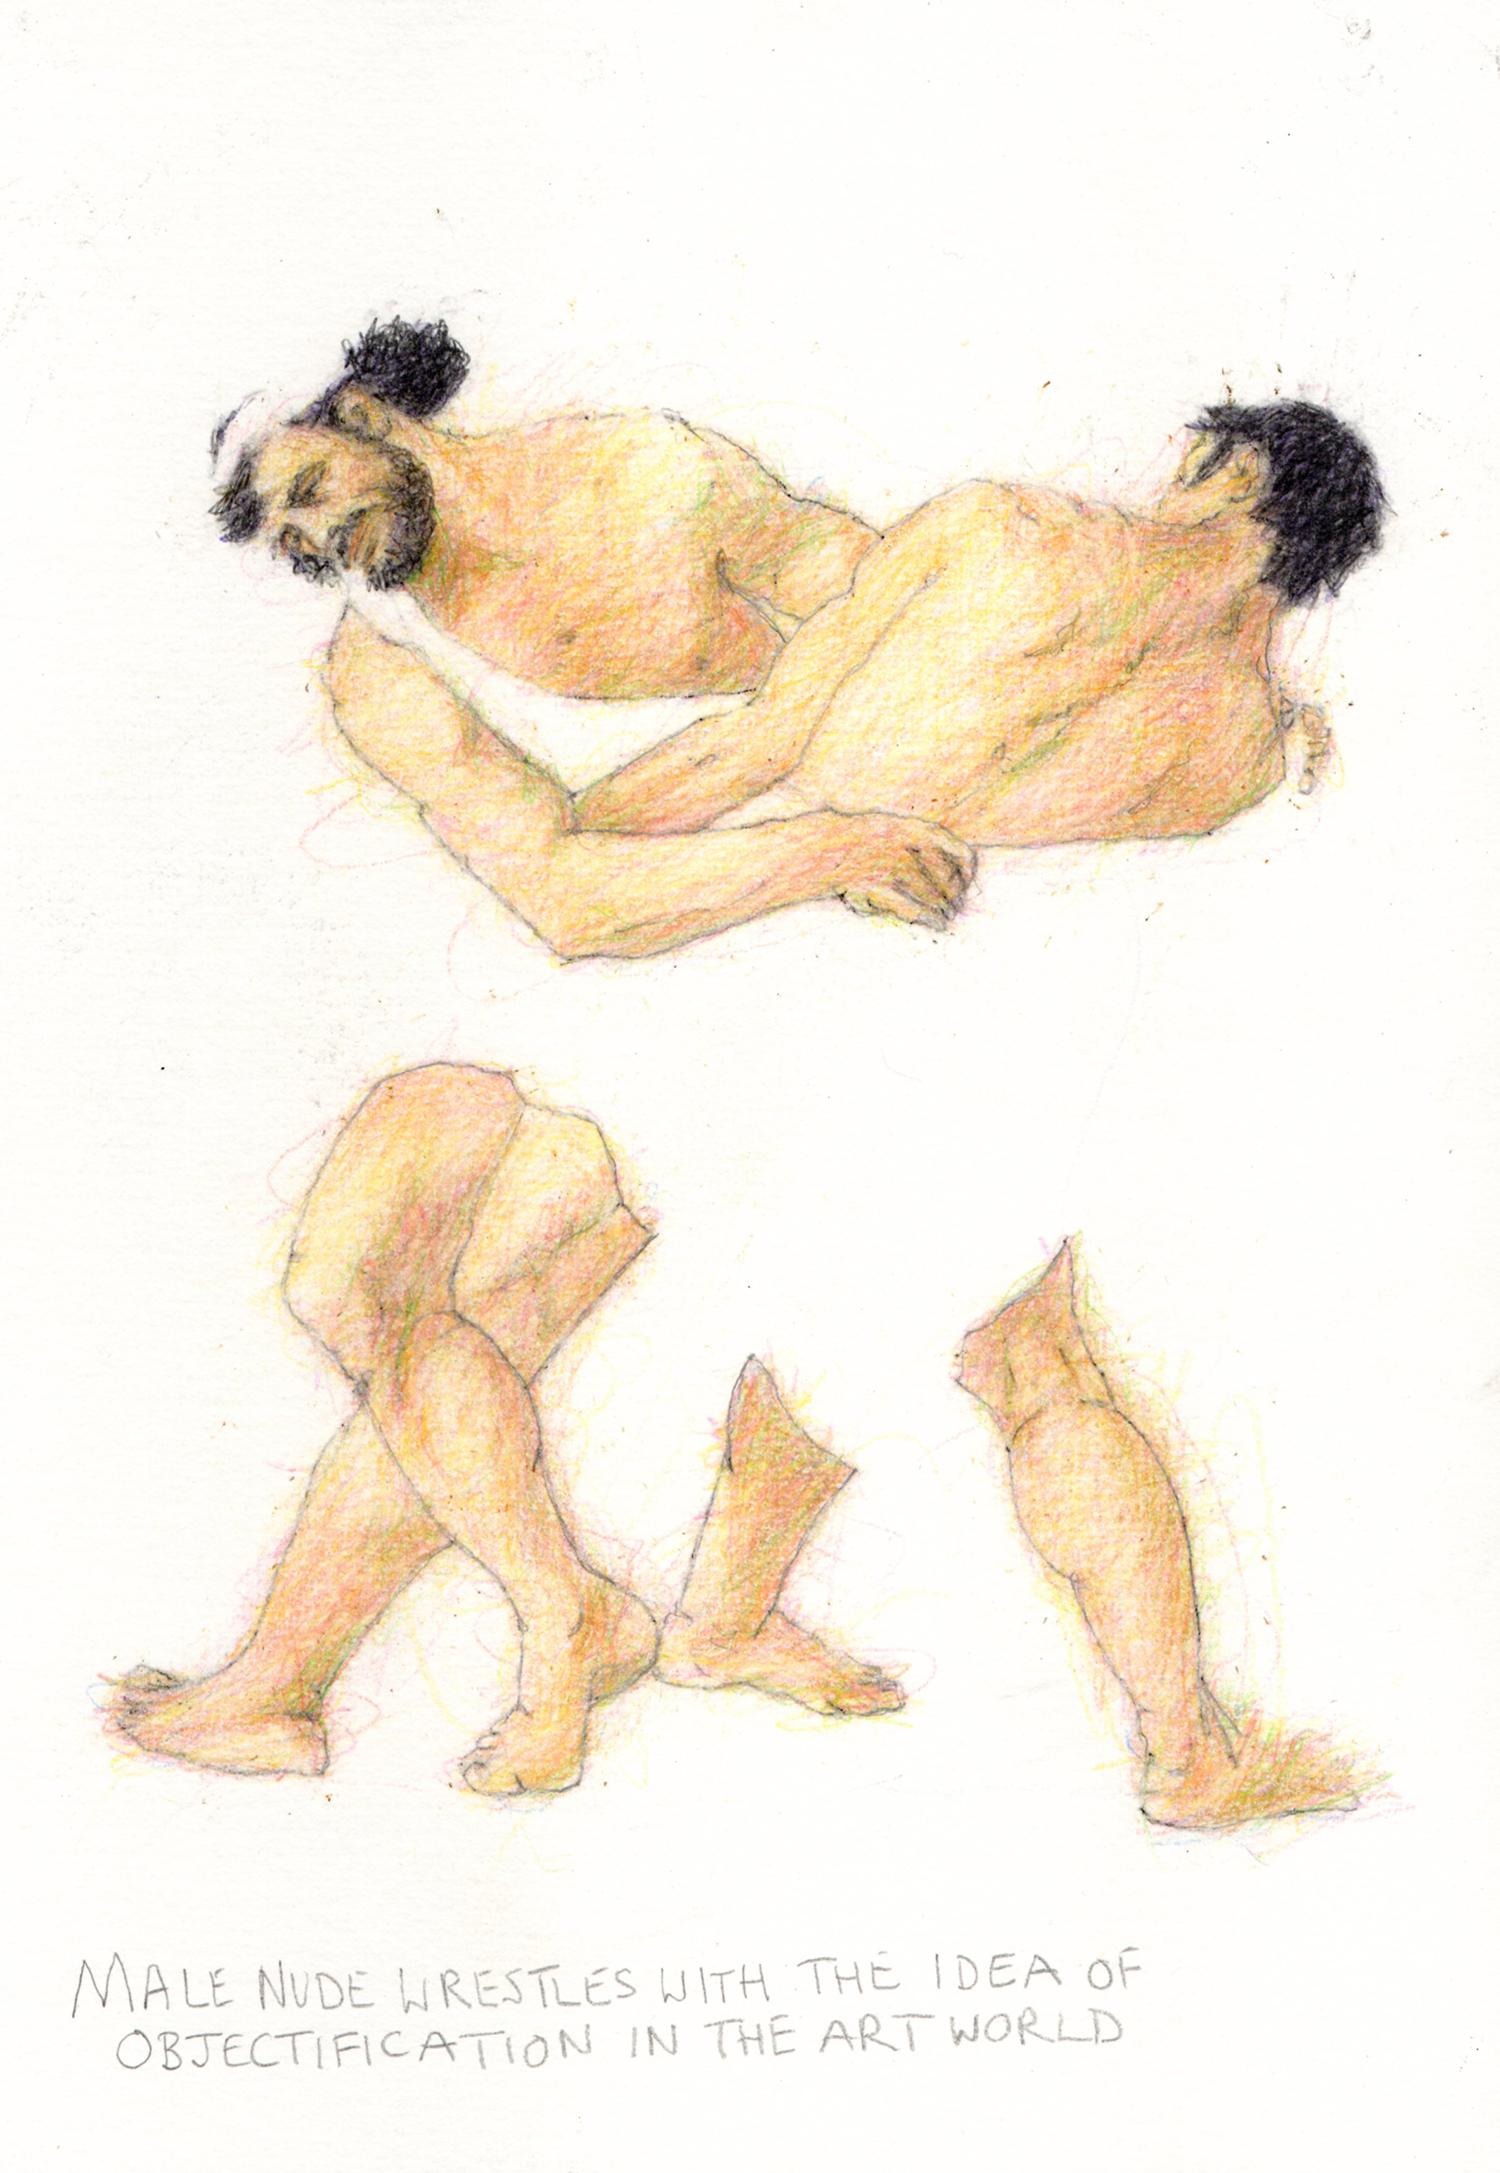 Naked-Man-Wrestling95x7